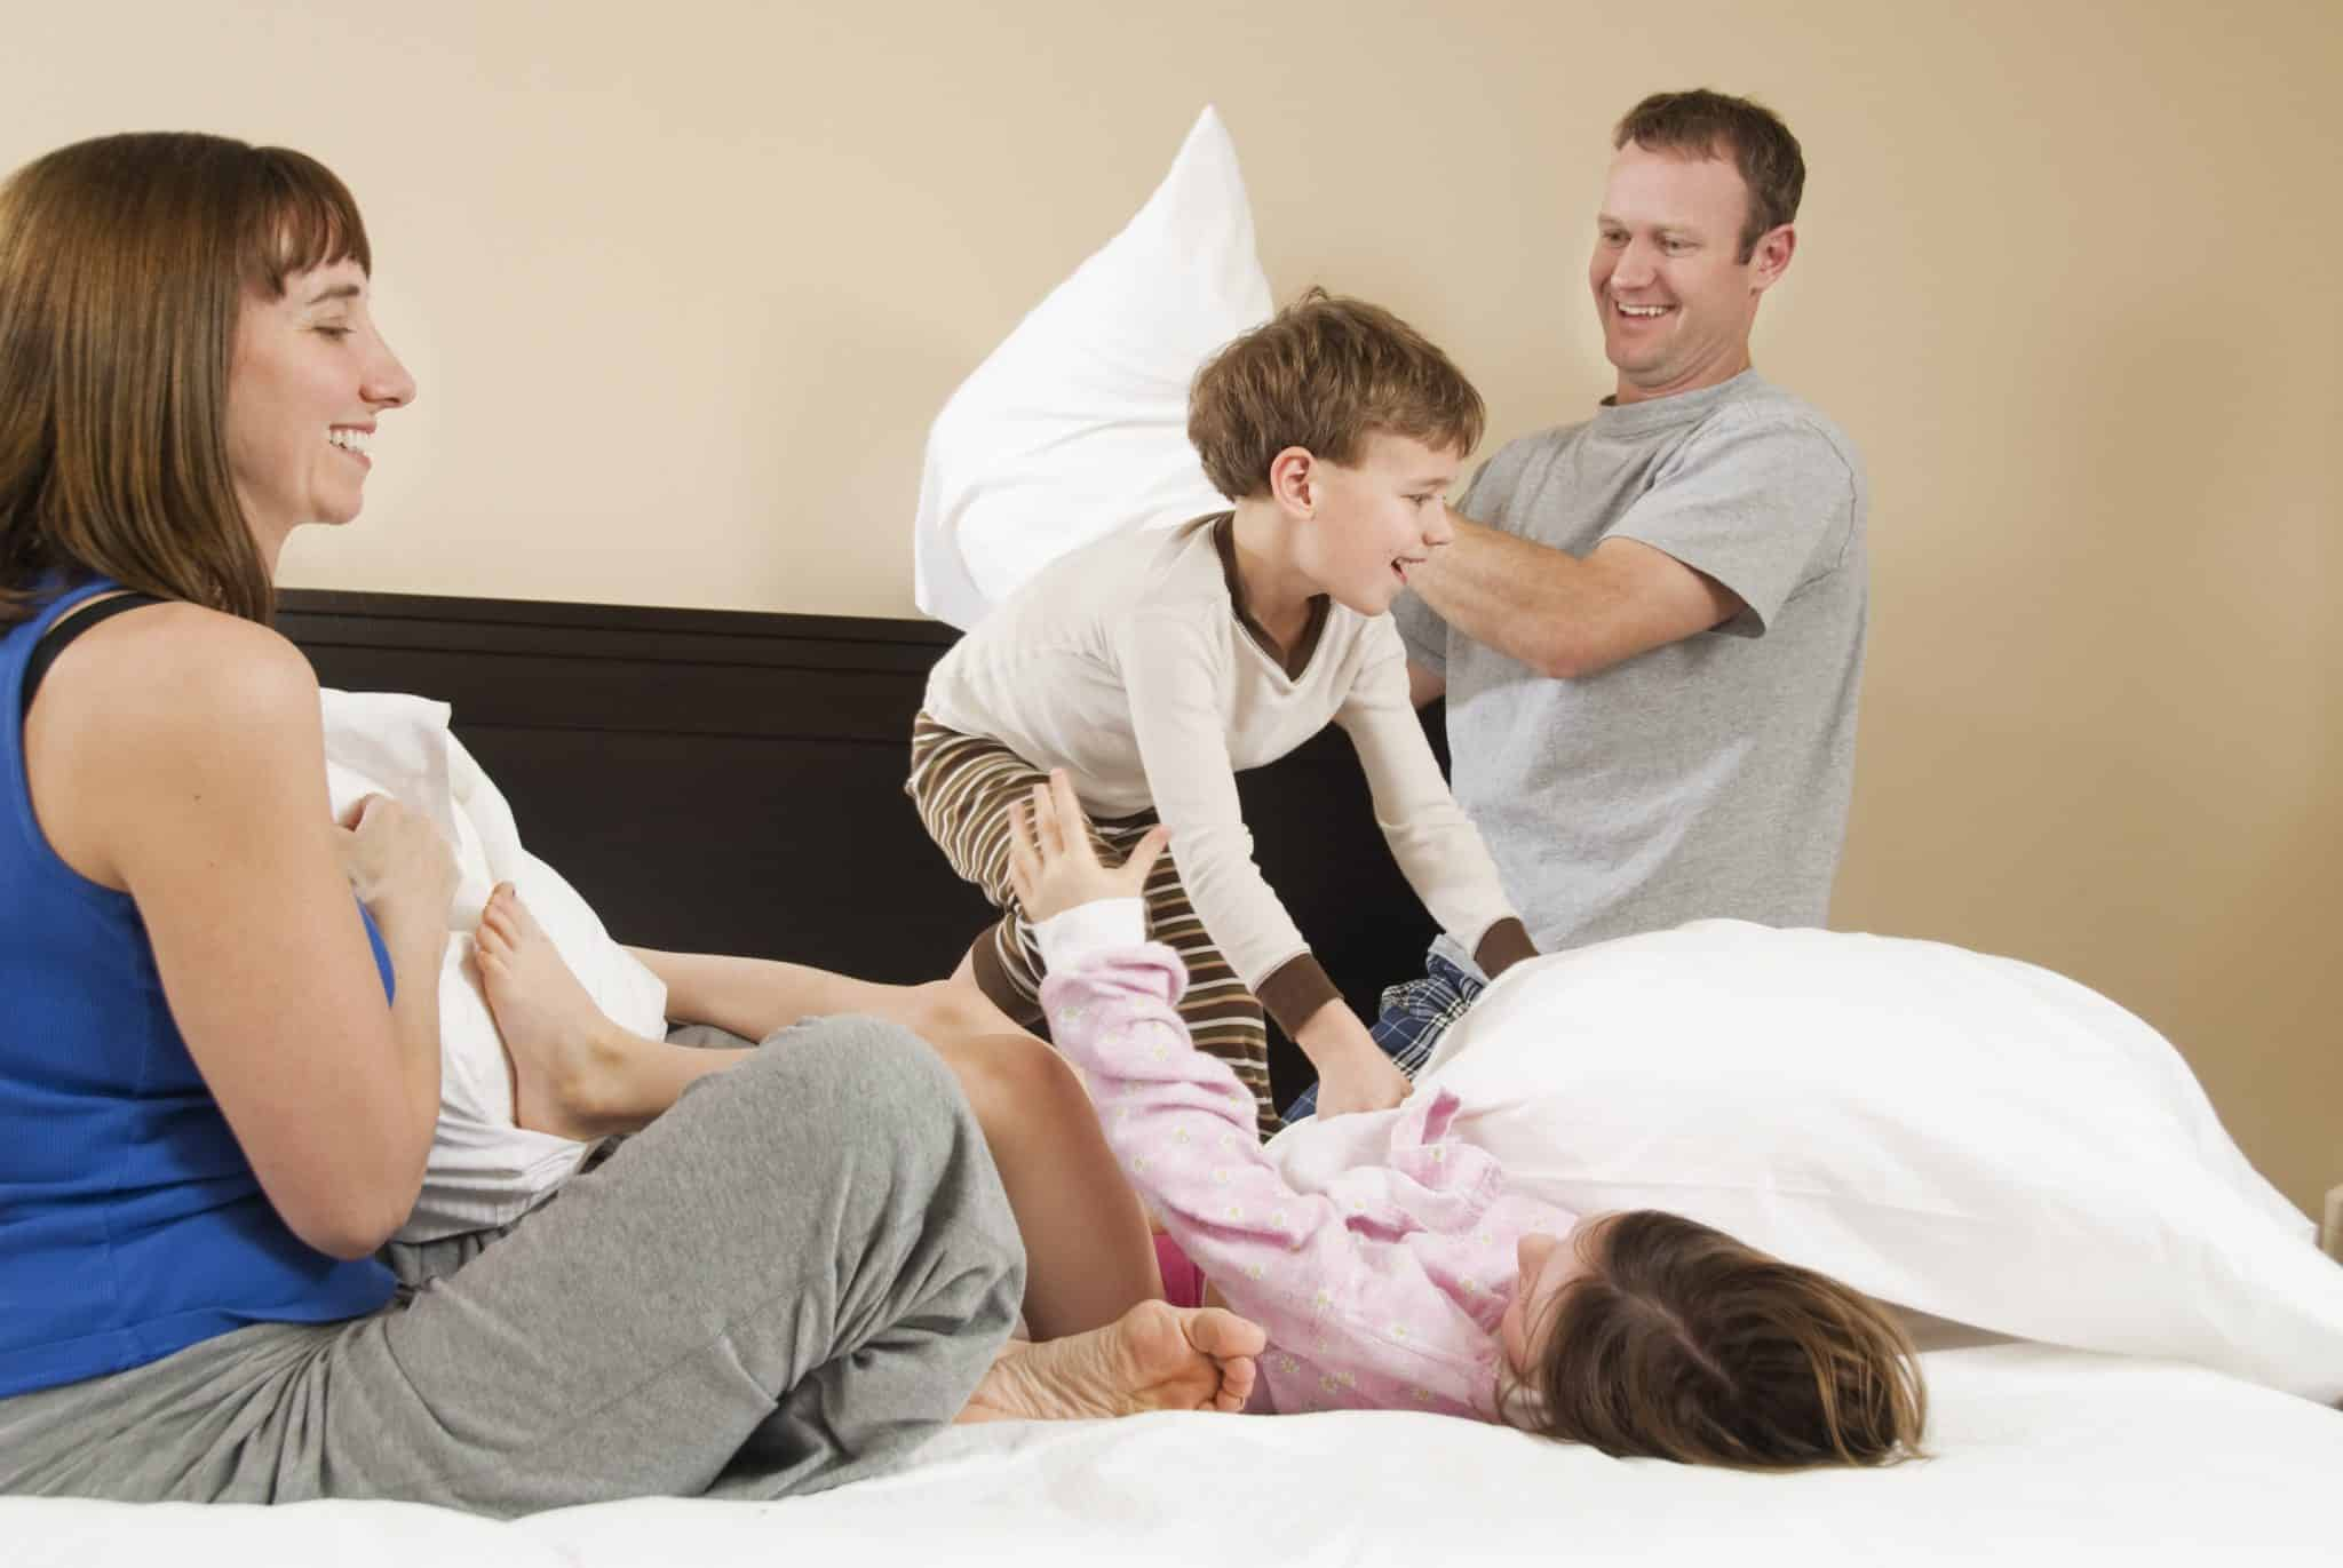 d couvrez pourquoi votre nouveau compagnon d teste vos enfants. Black Bedroom Furniture Sets. Home Design Ideas